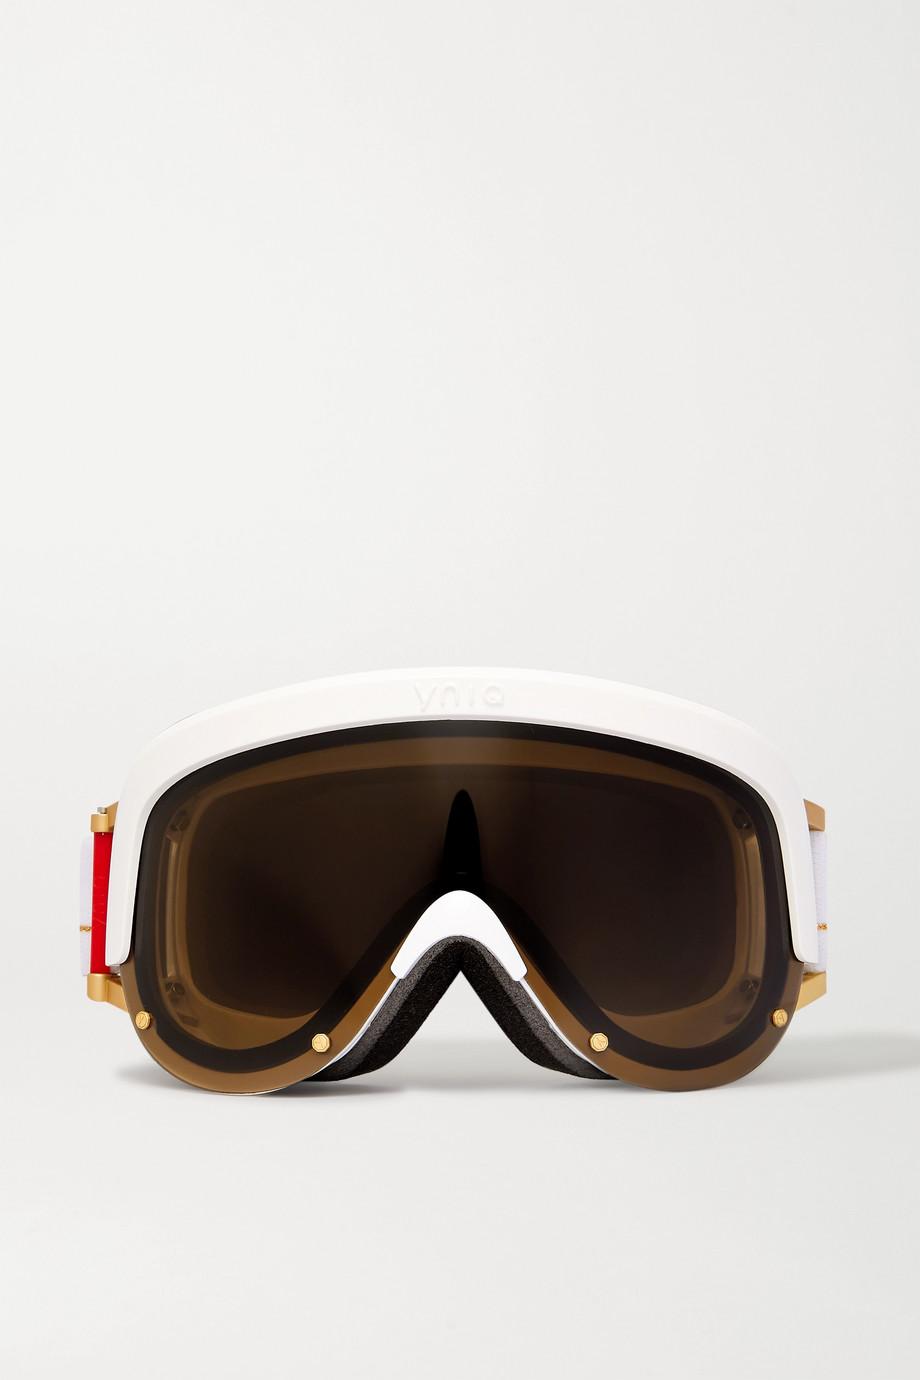 YNIQ Model One ski goggles